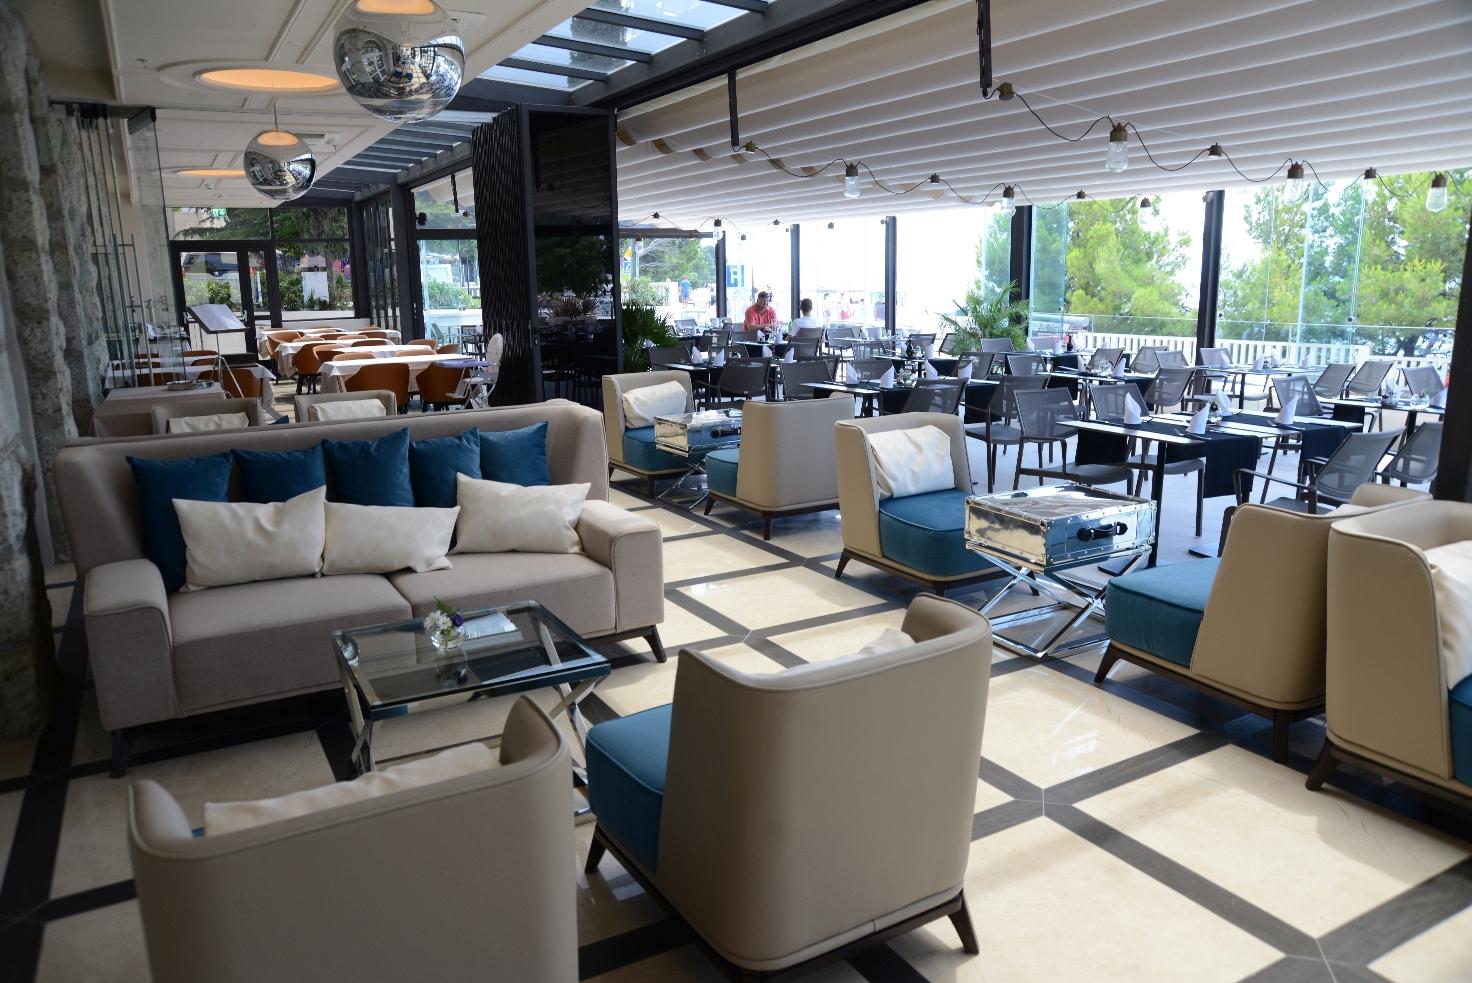 Grand hotel Slavia 2